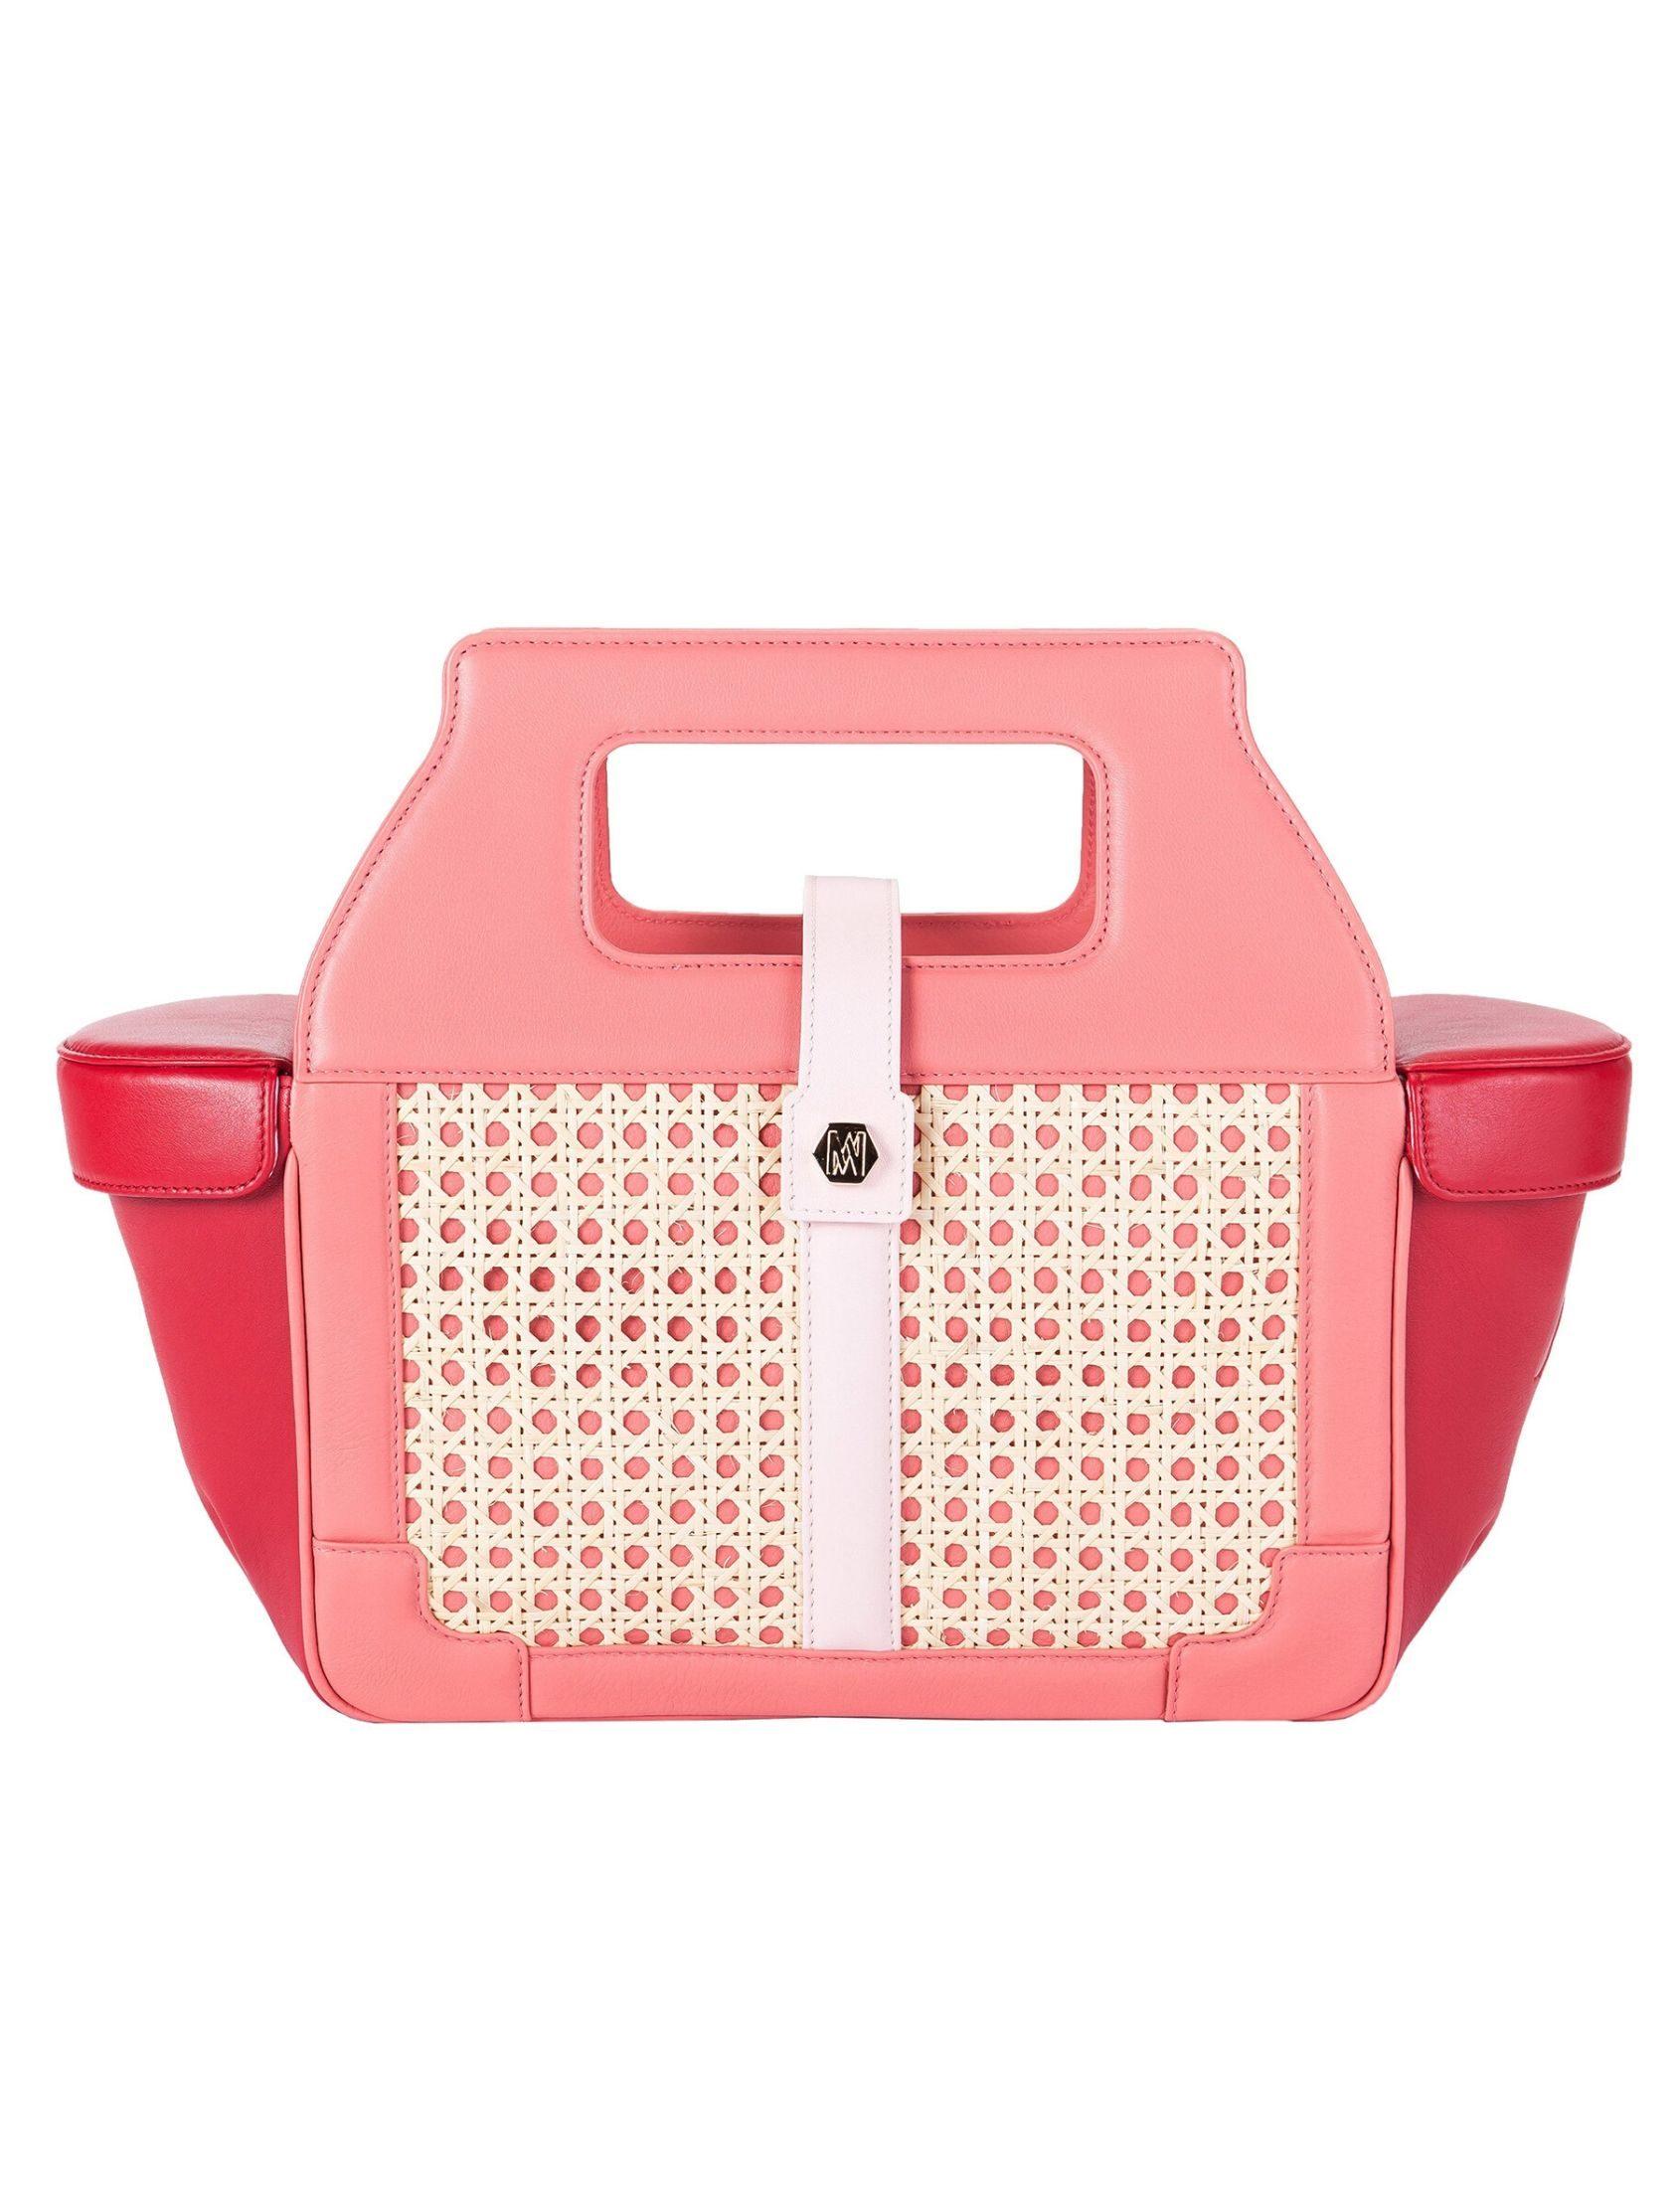 Bolso pretty box en rojo y rosa. Elaborado en piel y mimbre por magalie